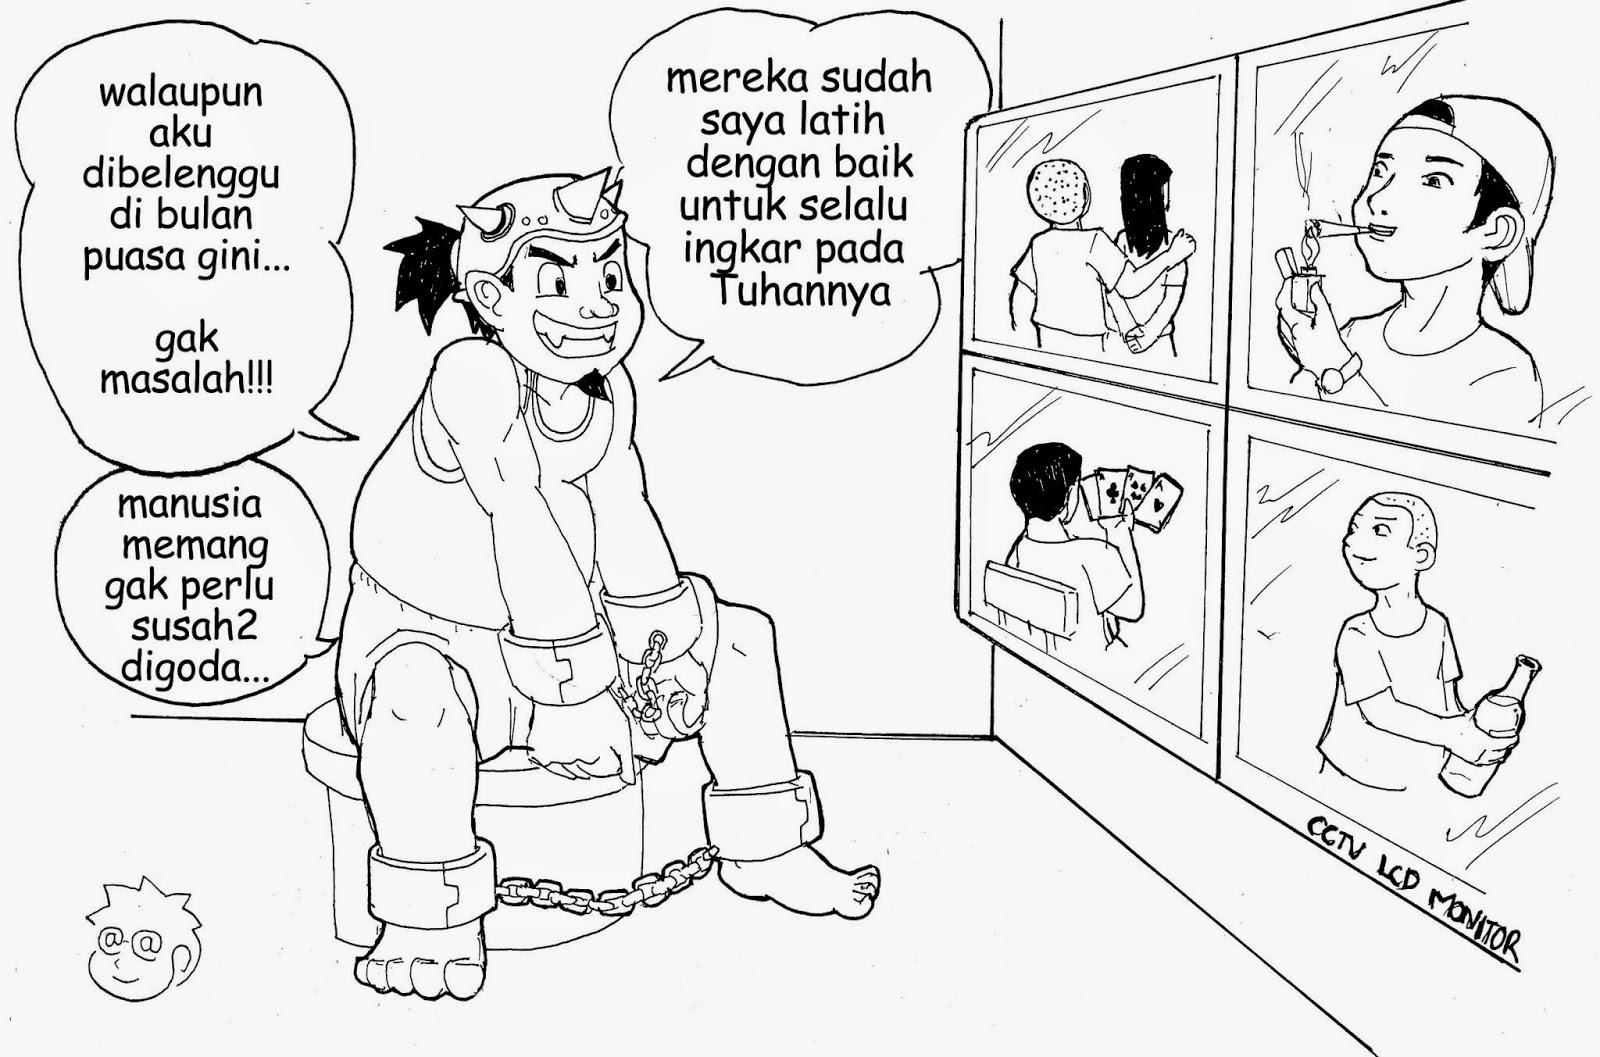 GAMBAR KARTUN PUASA LUCU KUMPULAN CERITA RAMADHAN Animasi